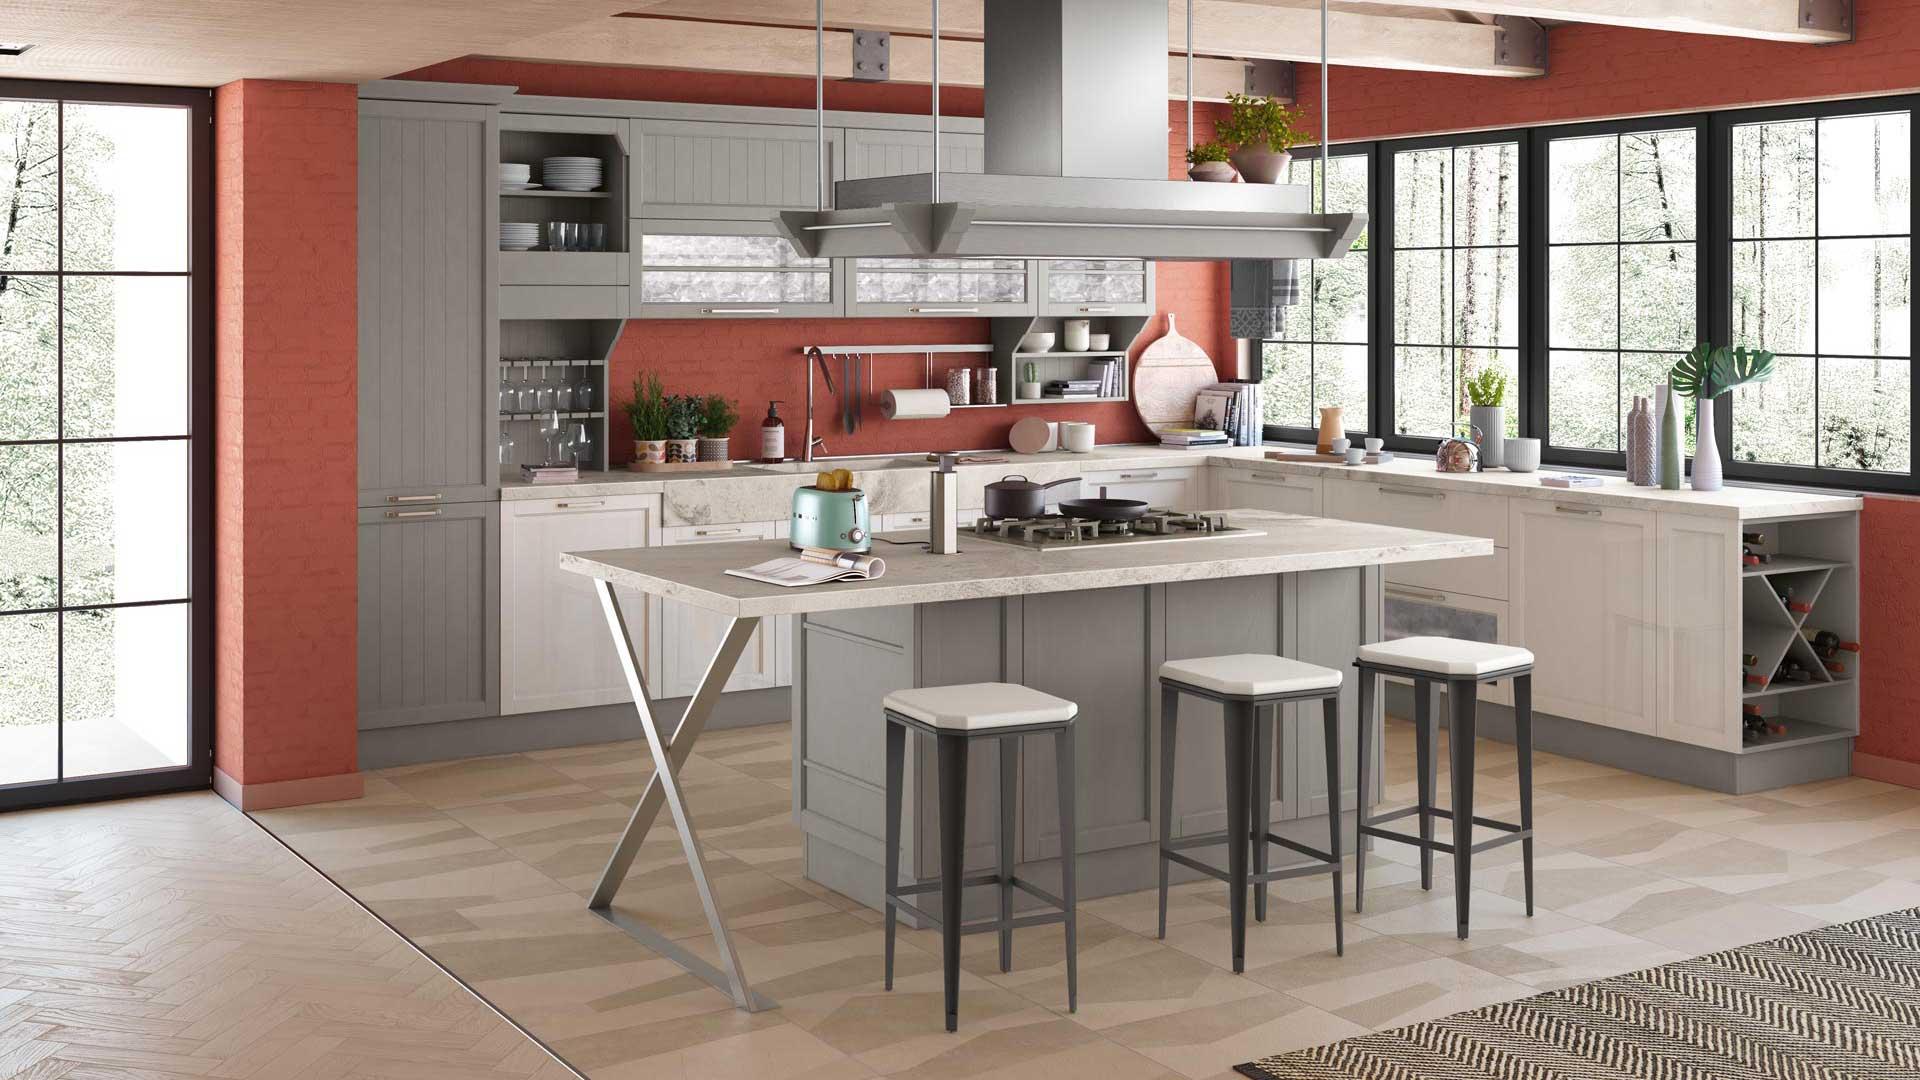 Contempo - Cucine Classiche - Creo Kitchens